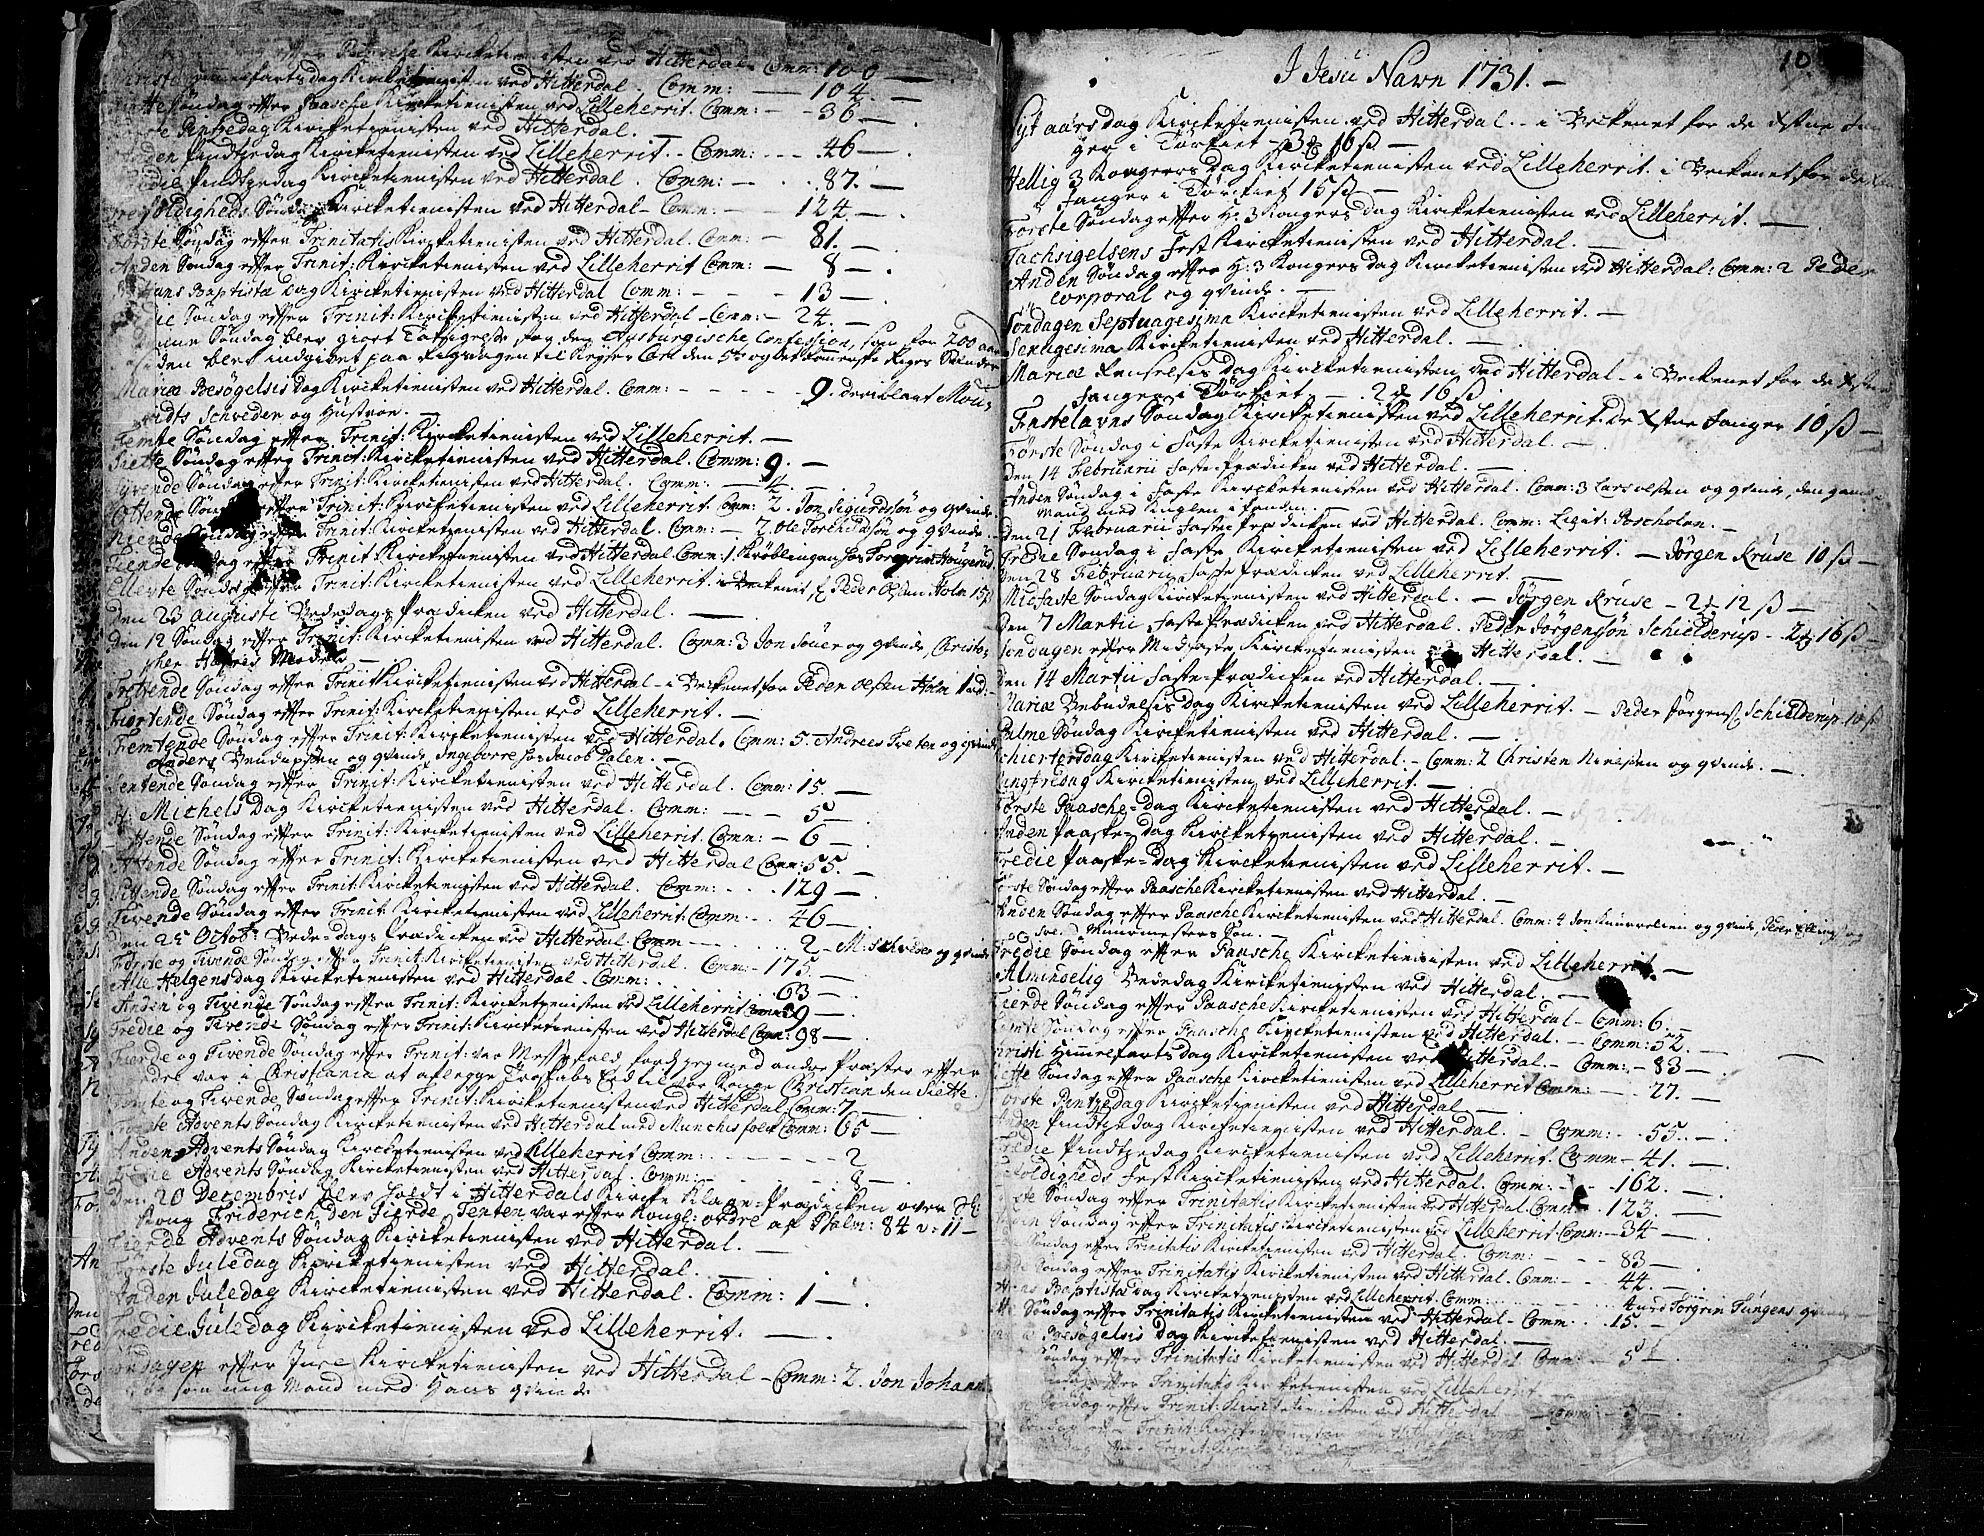 SAKO, Heddal kirkebøker, F/Fa/L0003: Ministerialbok nr. I 3, 1723-1783, s. 10